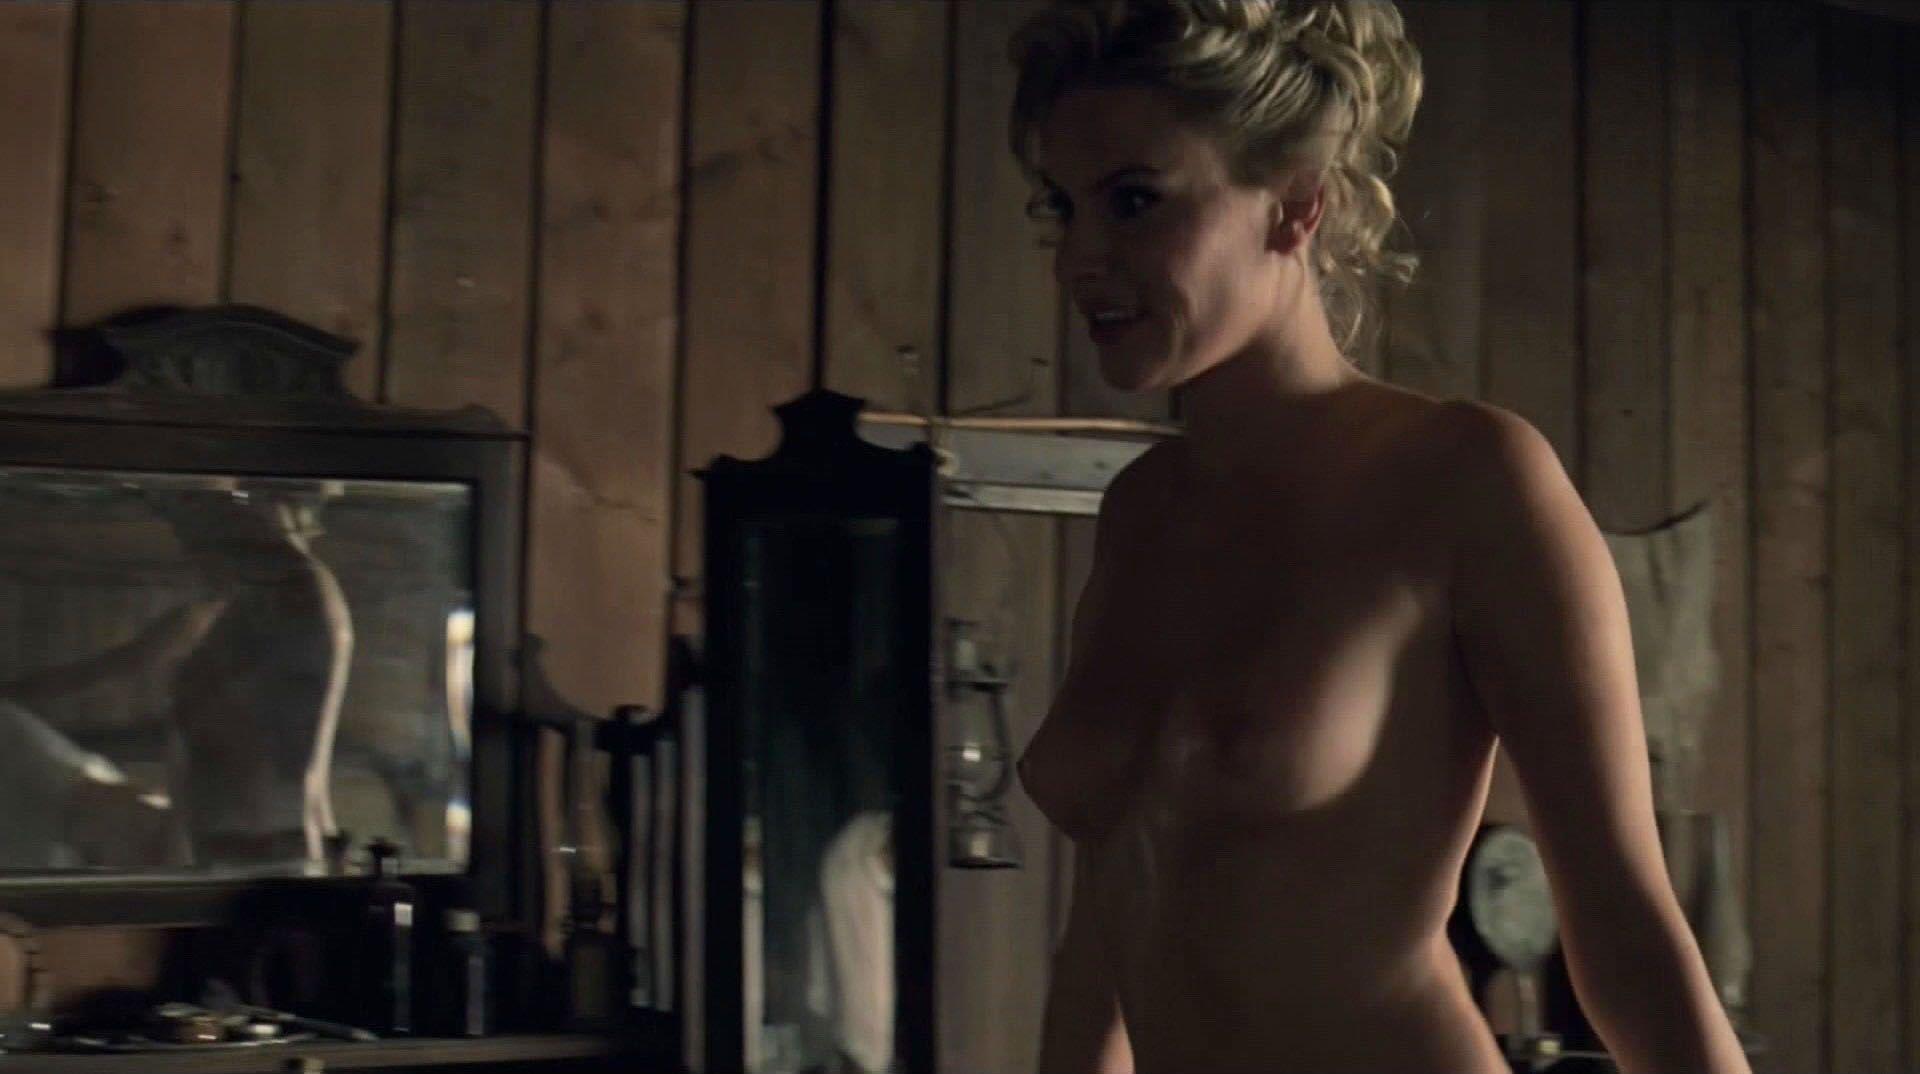 amisha patel full naked